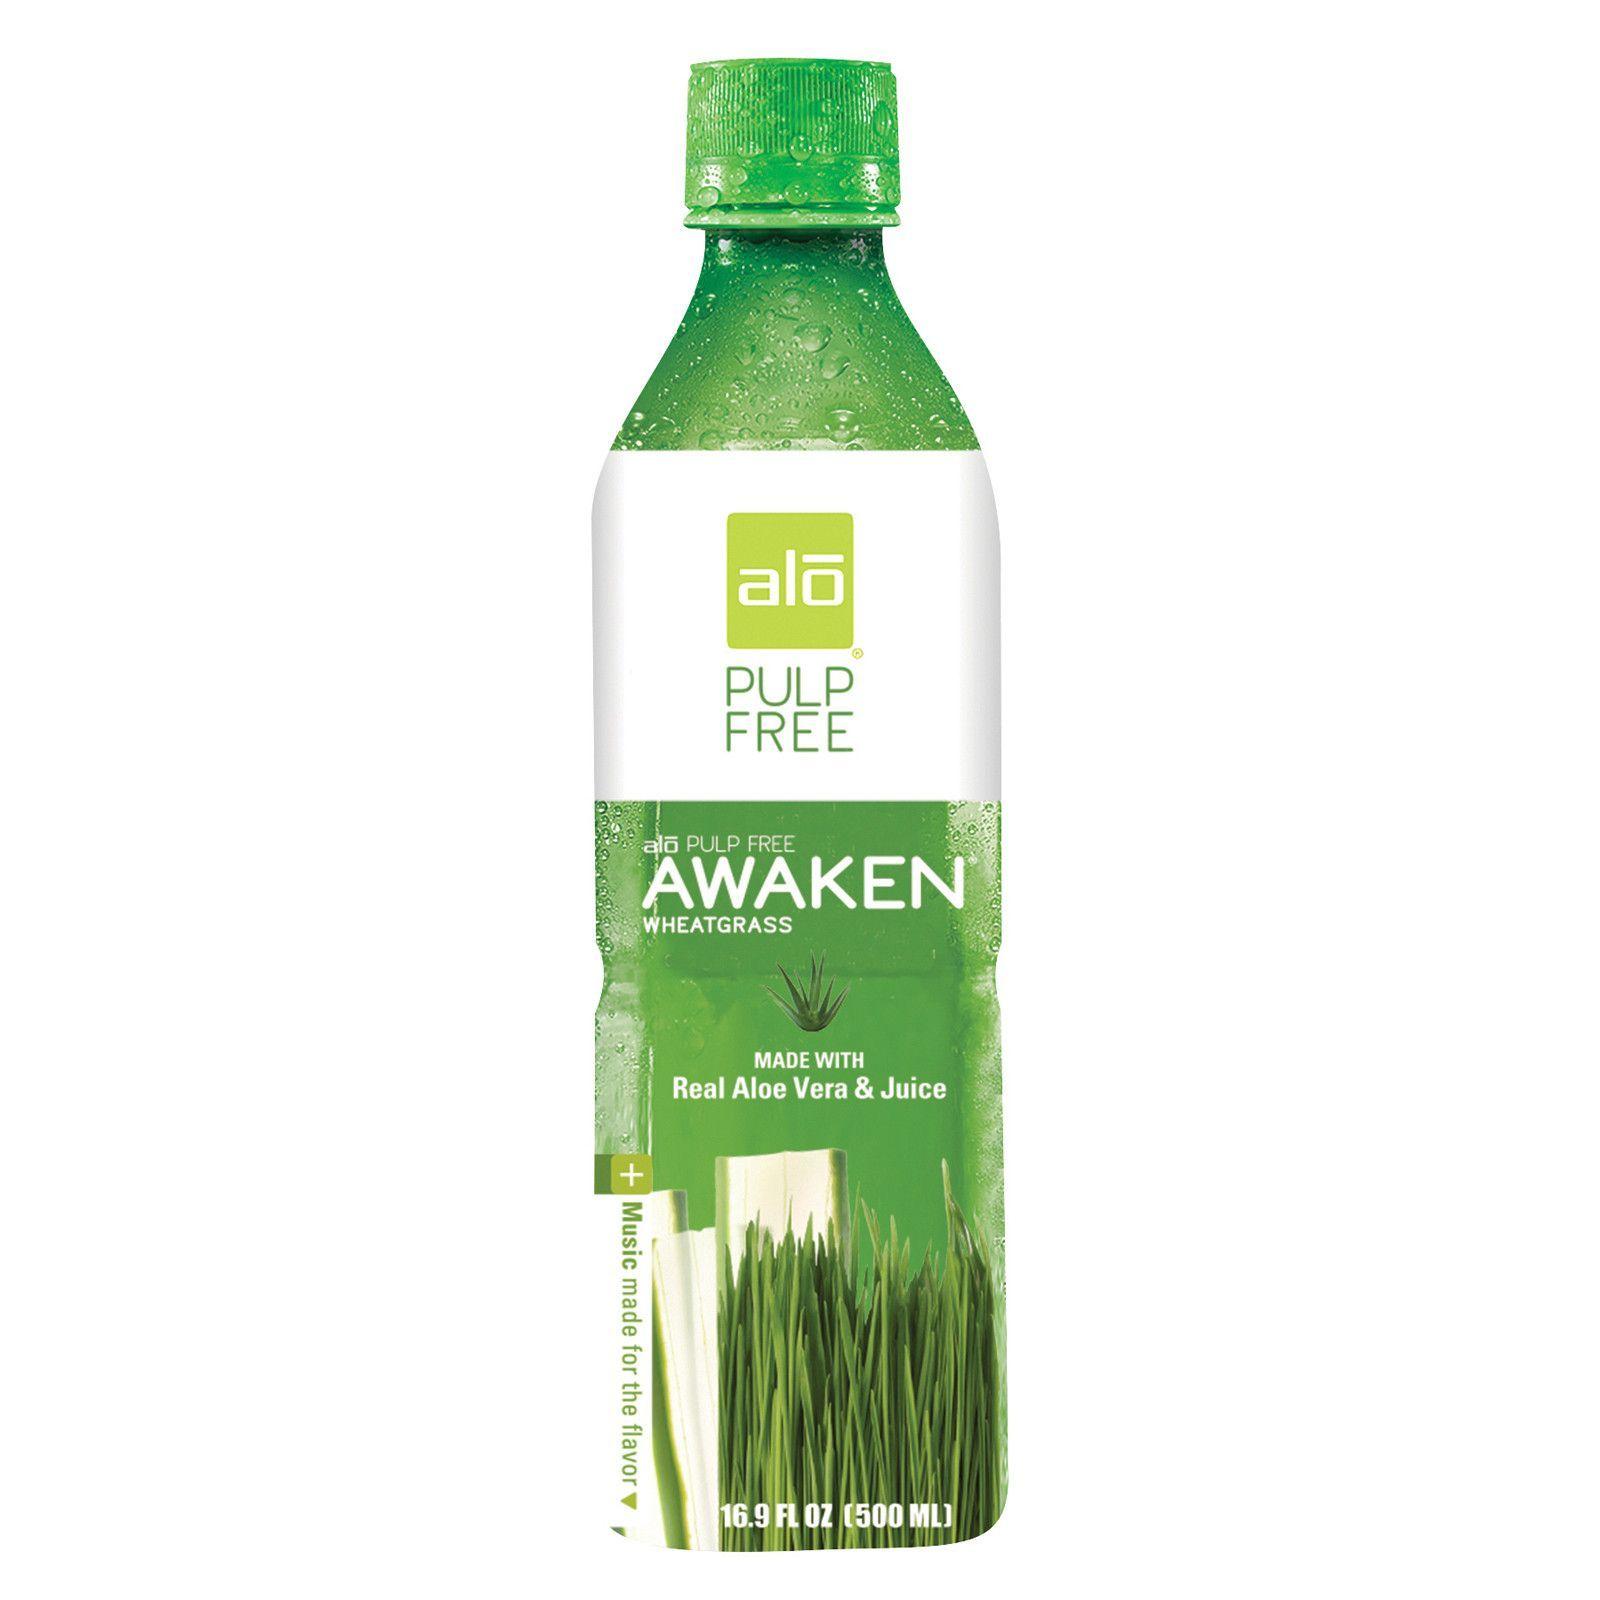 Alo pulp free awaken aloe vera juice drink wheatgrass